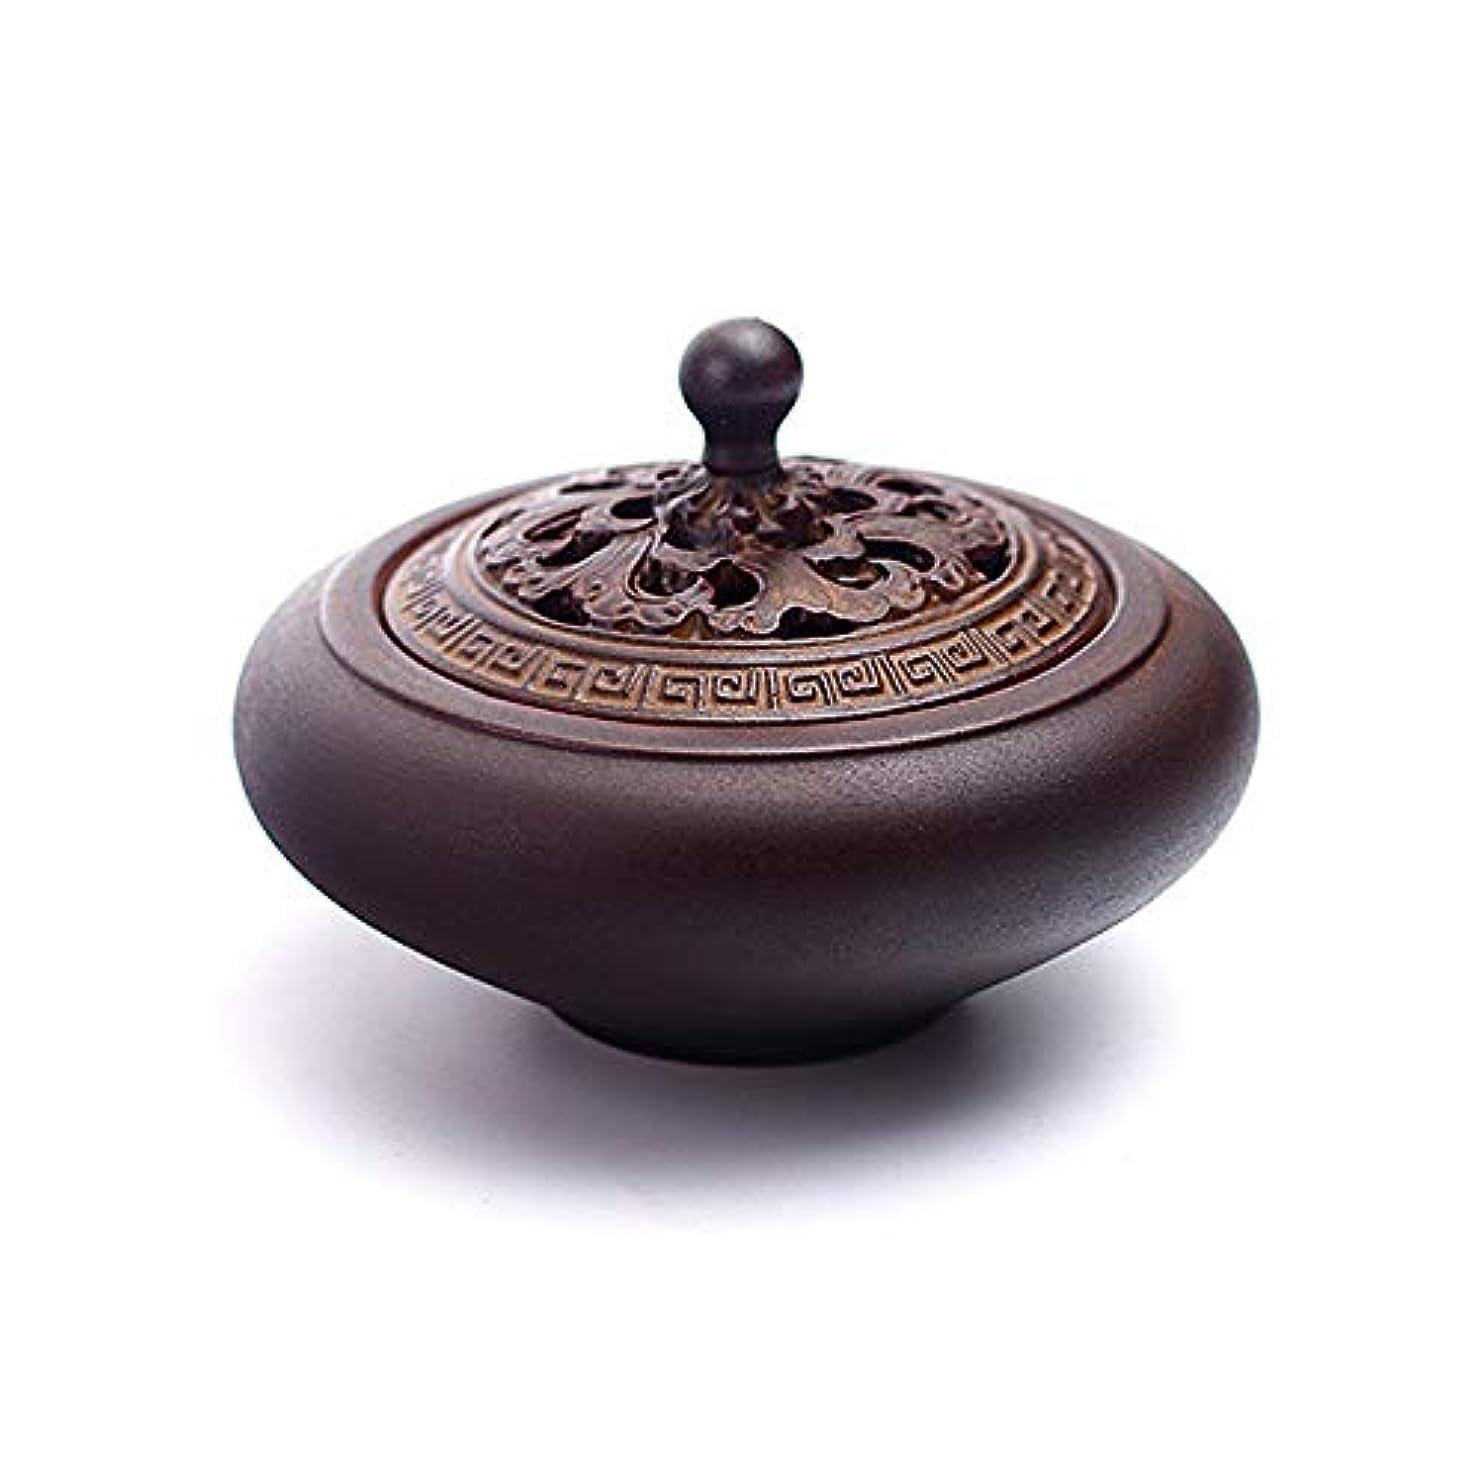 仲人どっち前売HAMILO 蓋付香炉 陶器 中国風 古典 アロマ 癒し 香道 お香 コーン 抹香 手作り 木製台付 (ブラウン)